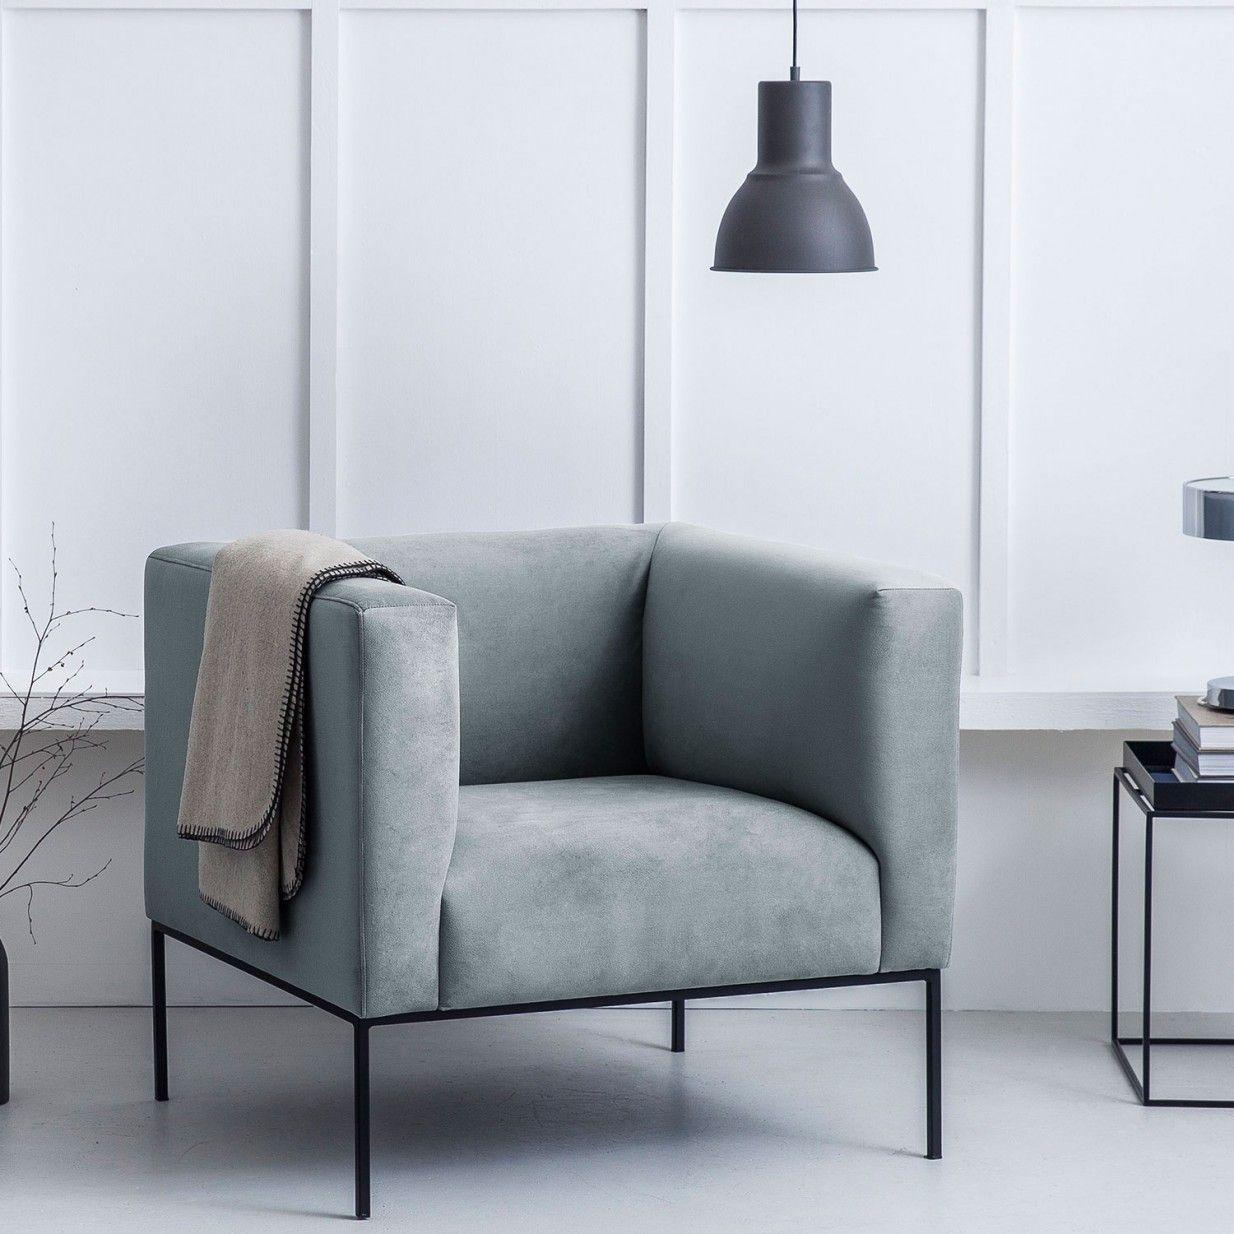 Neptune Sessel Hellgrau Windsor Co Sofas Interior Design Interior Home Decor